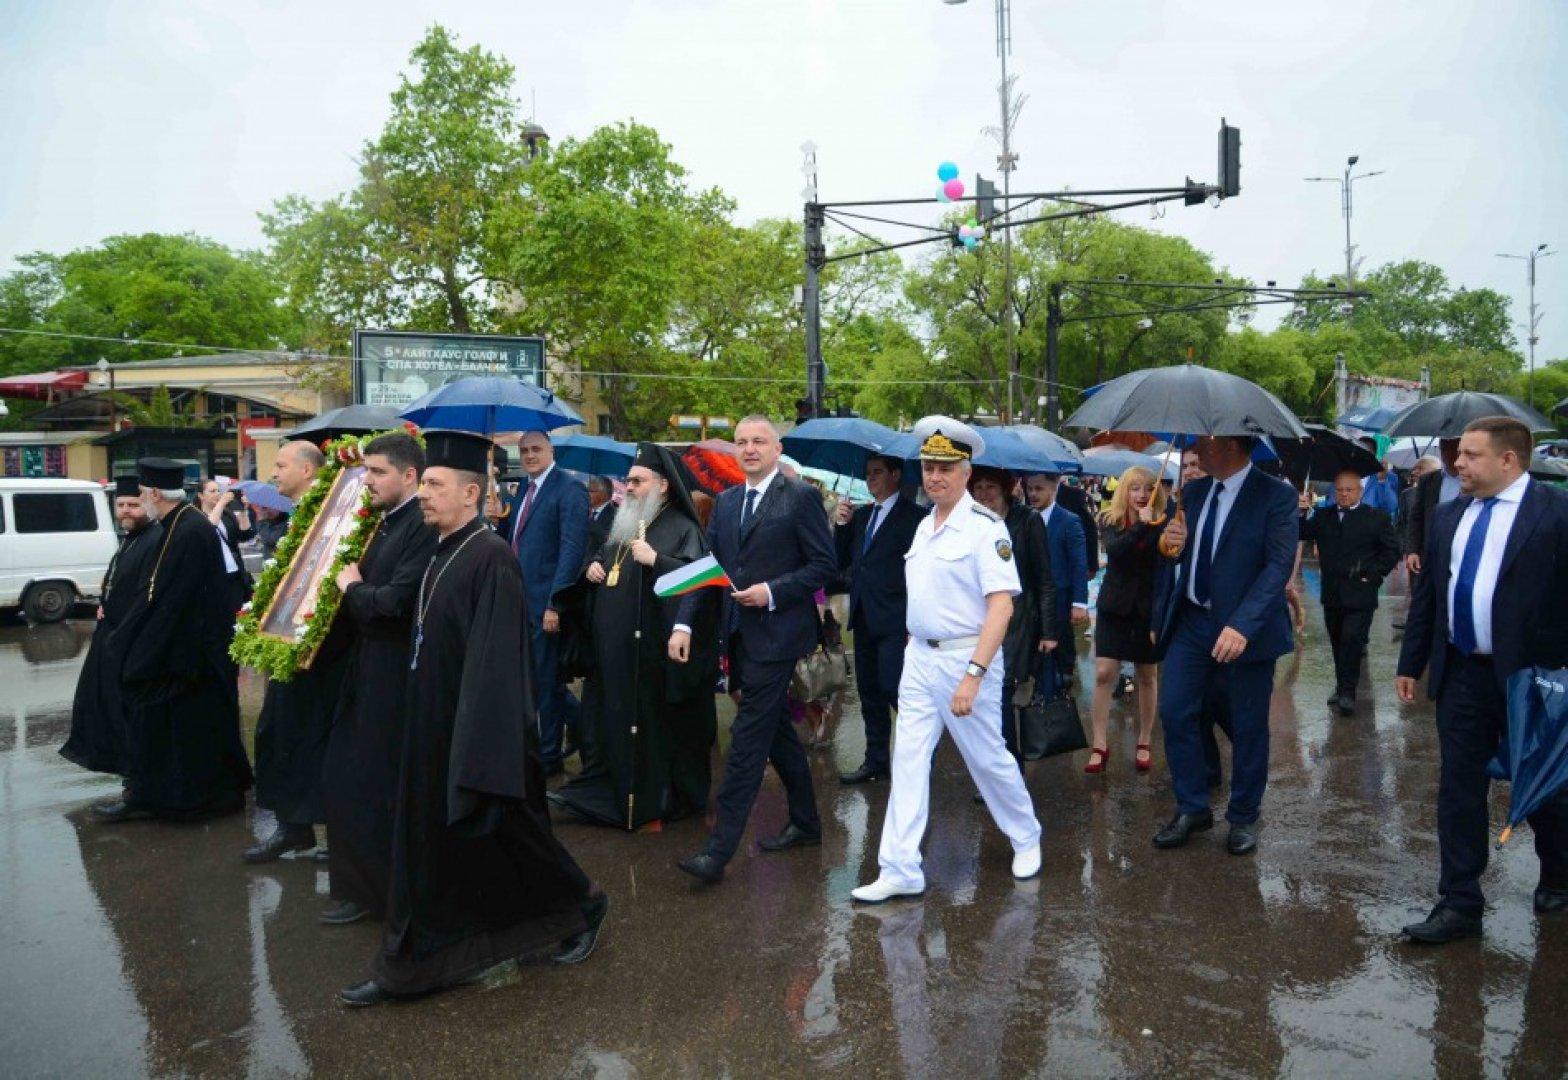 Дъждът не помрачи настроението на днешното шествие. Снимки Община Варна